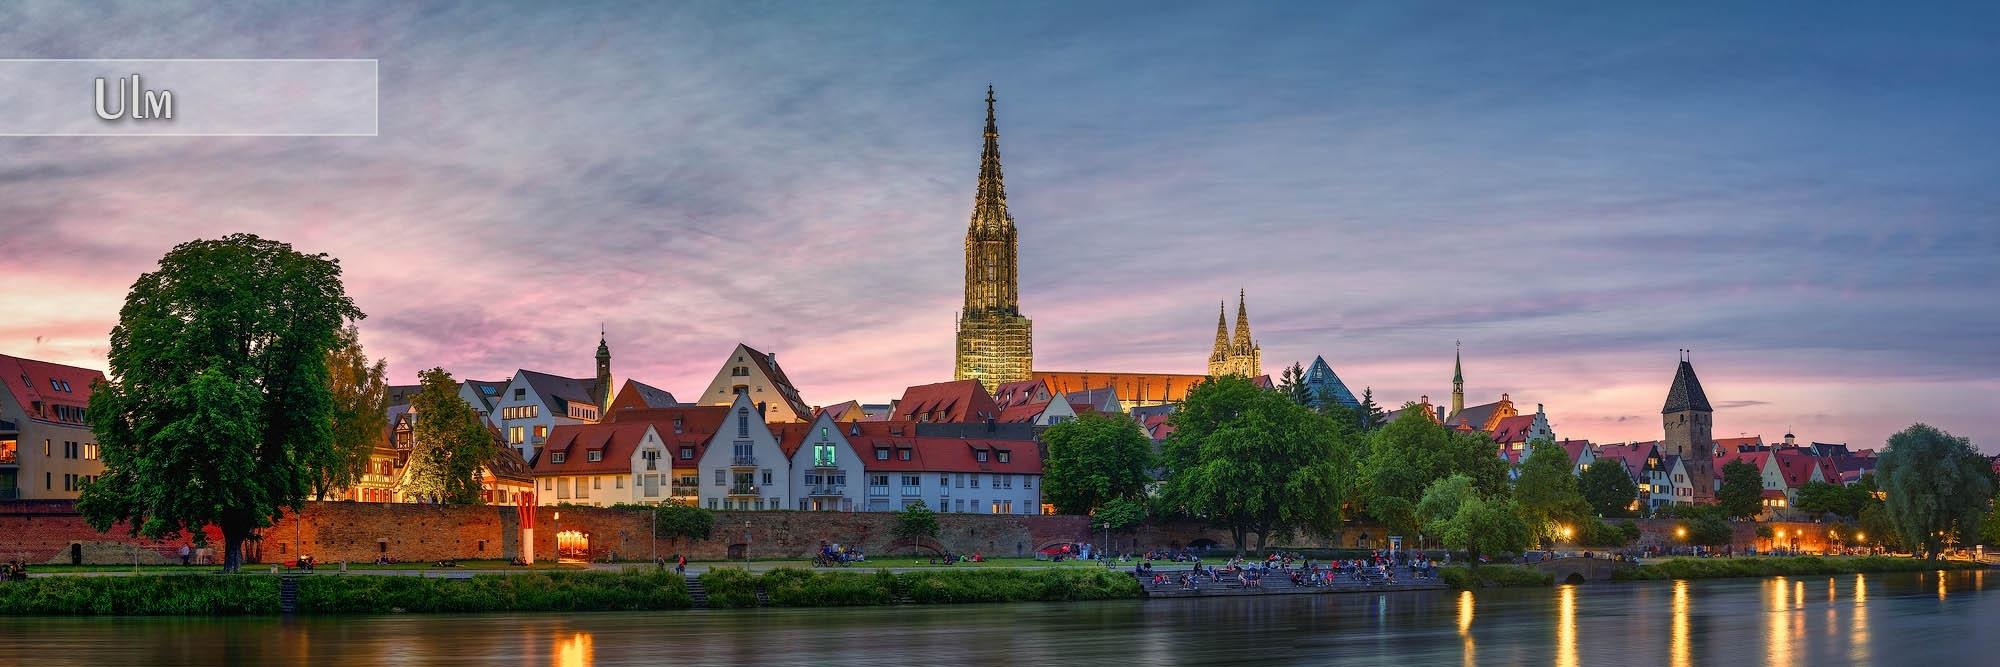 Bilder aus Ulm als Wandbild oder Küchenrückwand